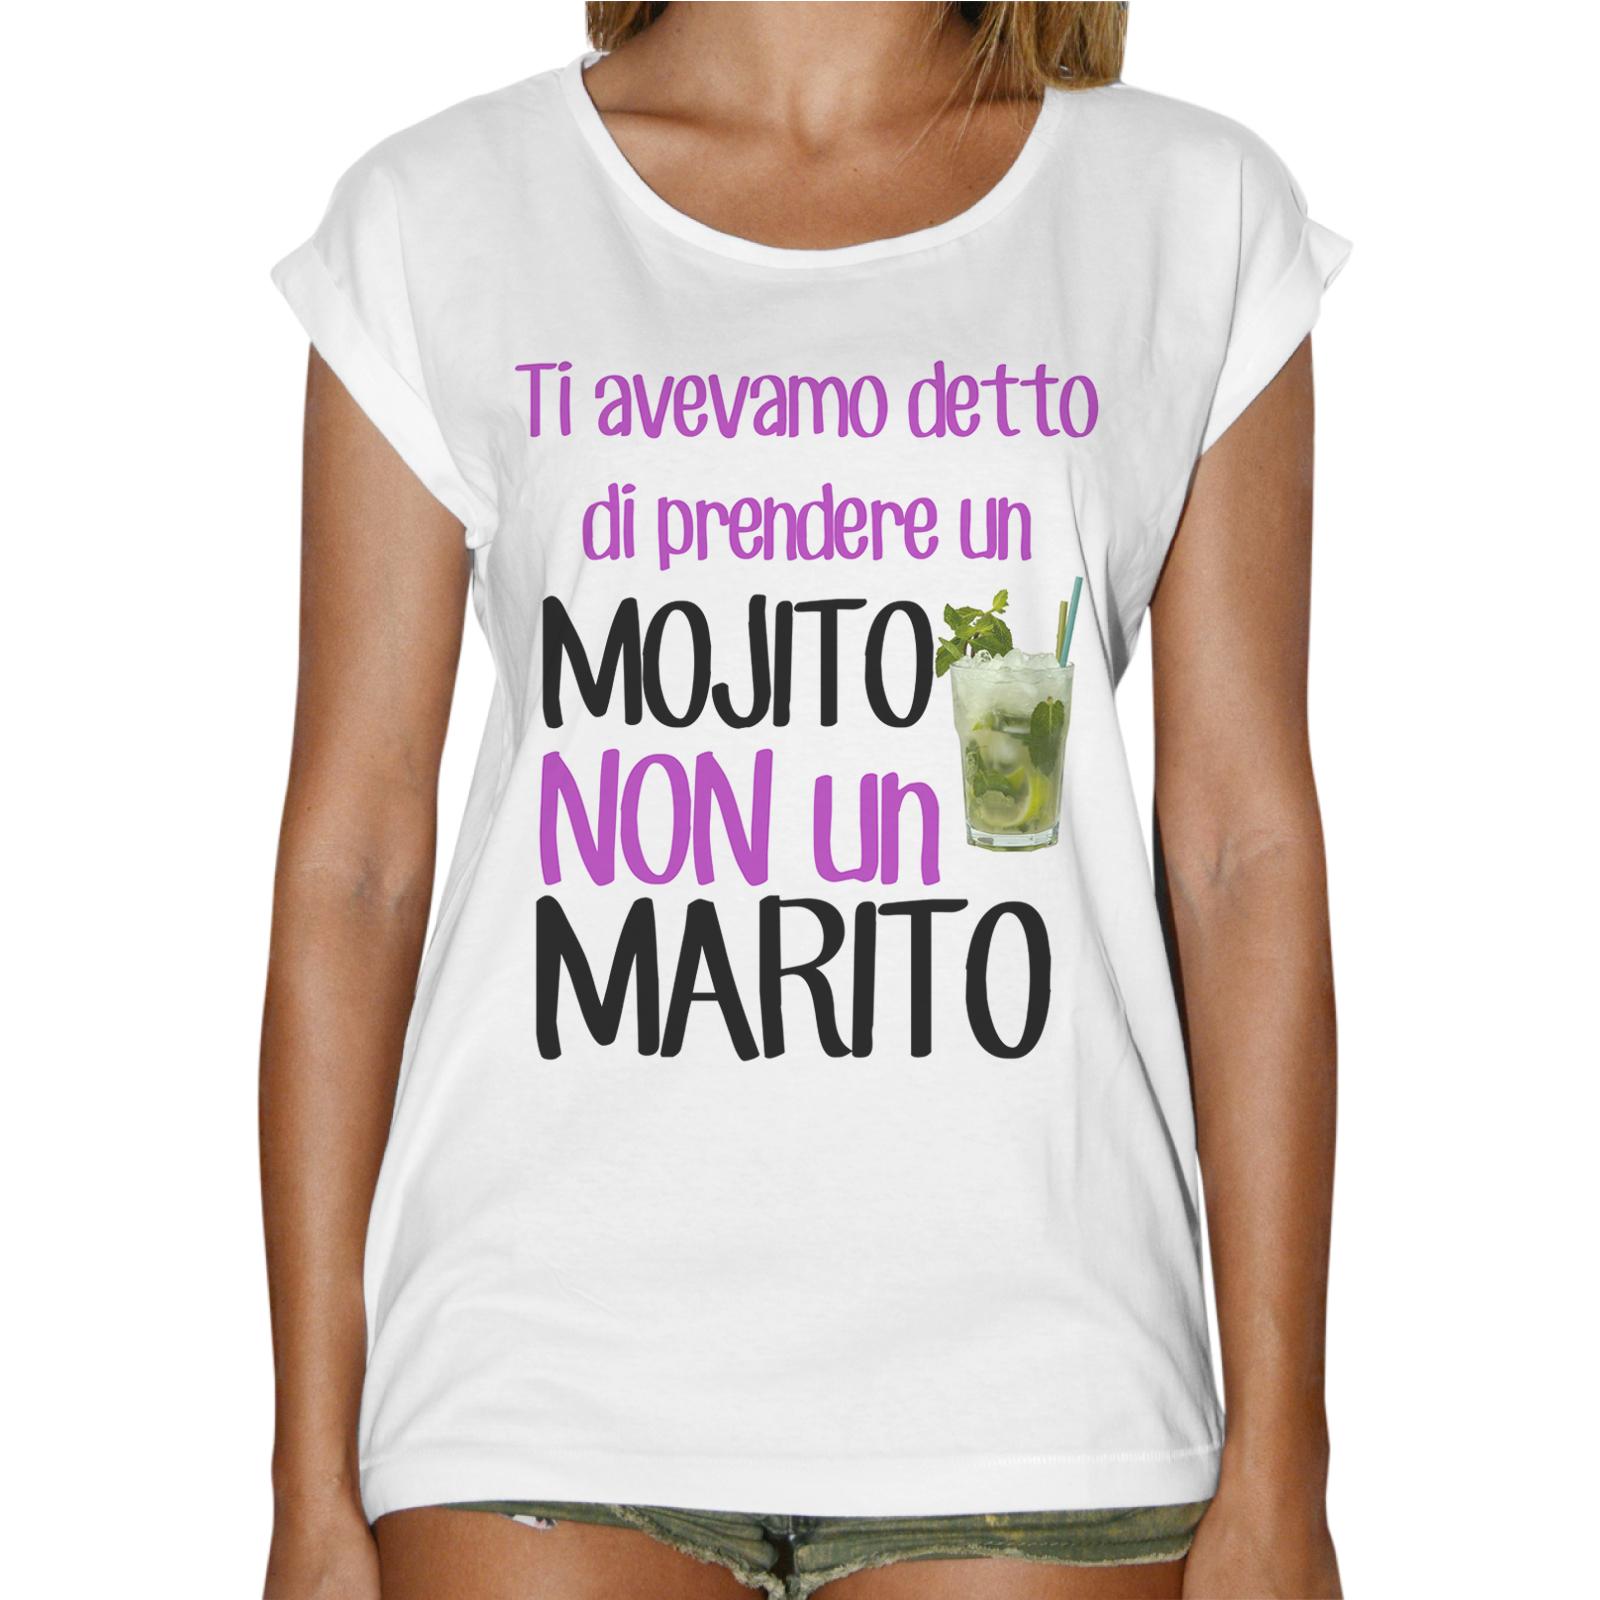 T-Shirt Donna Fashion MOJITO NO MARITO